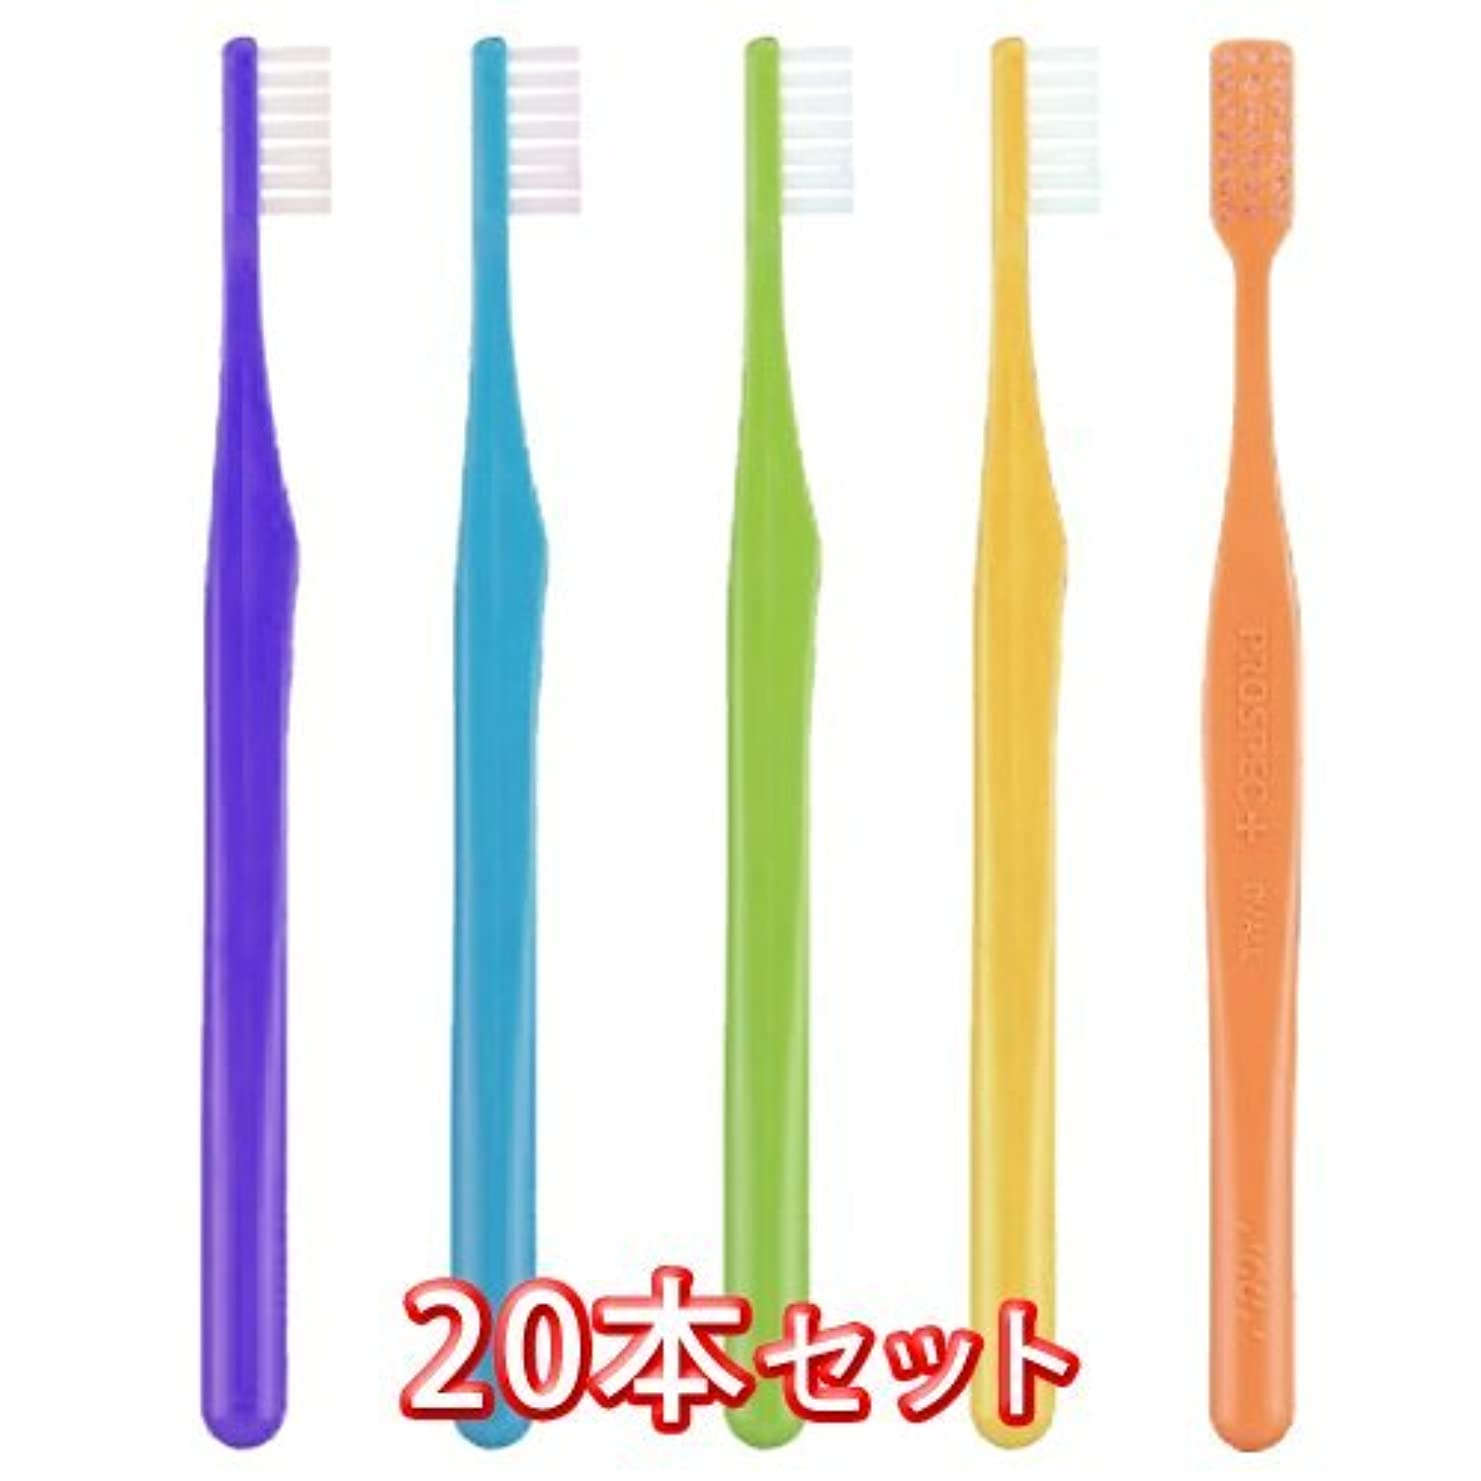 説得力のある派手イライラするプロスペック プラス 歯ブラシ 20本入 スモール